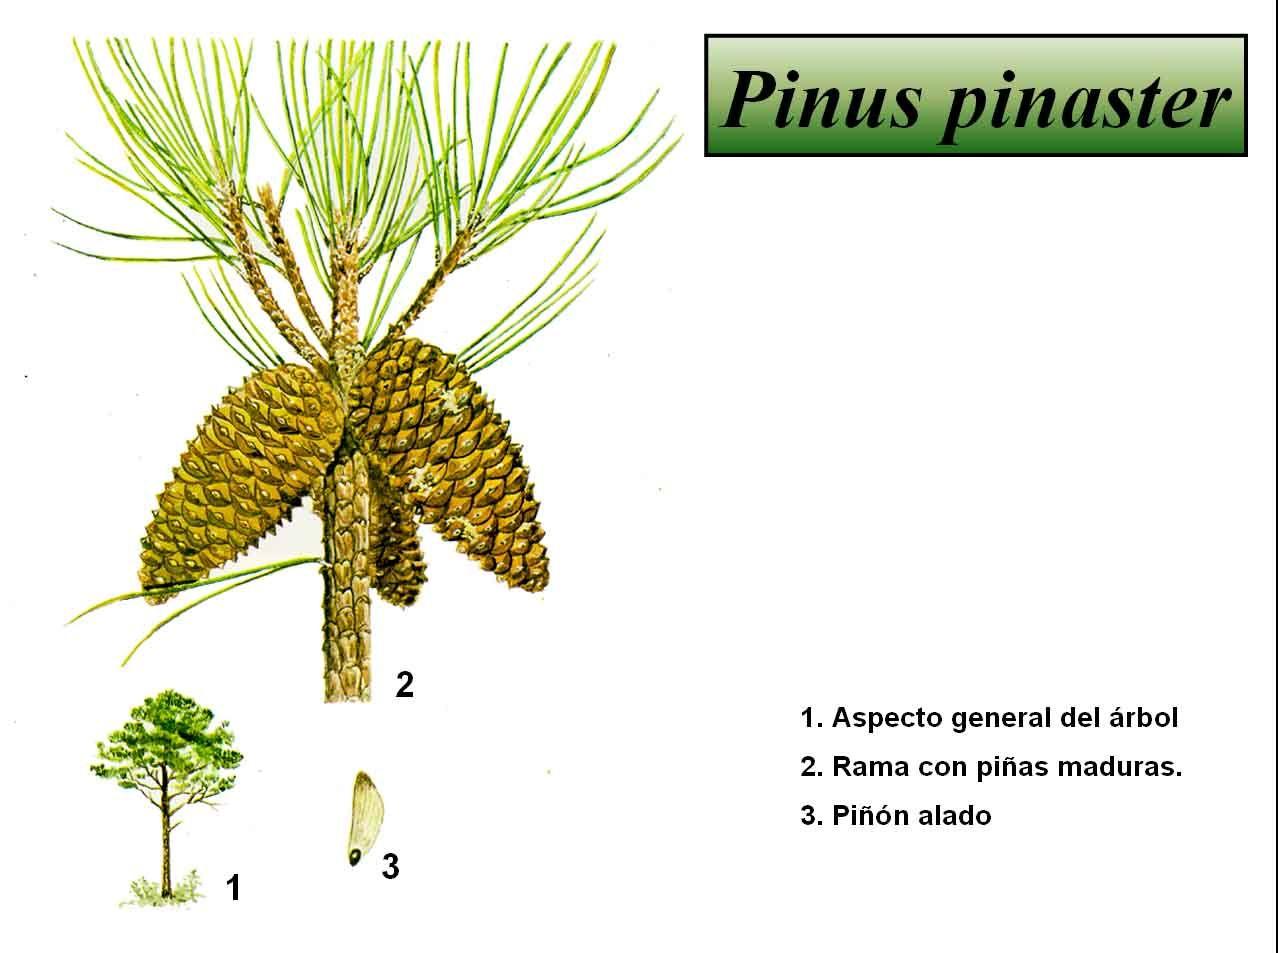 Resultado de imaxes para Pinus pinaster | Coniferophyta | Pinterest